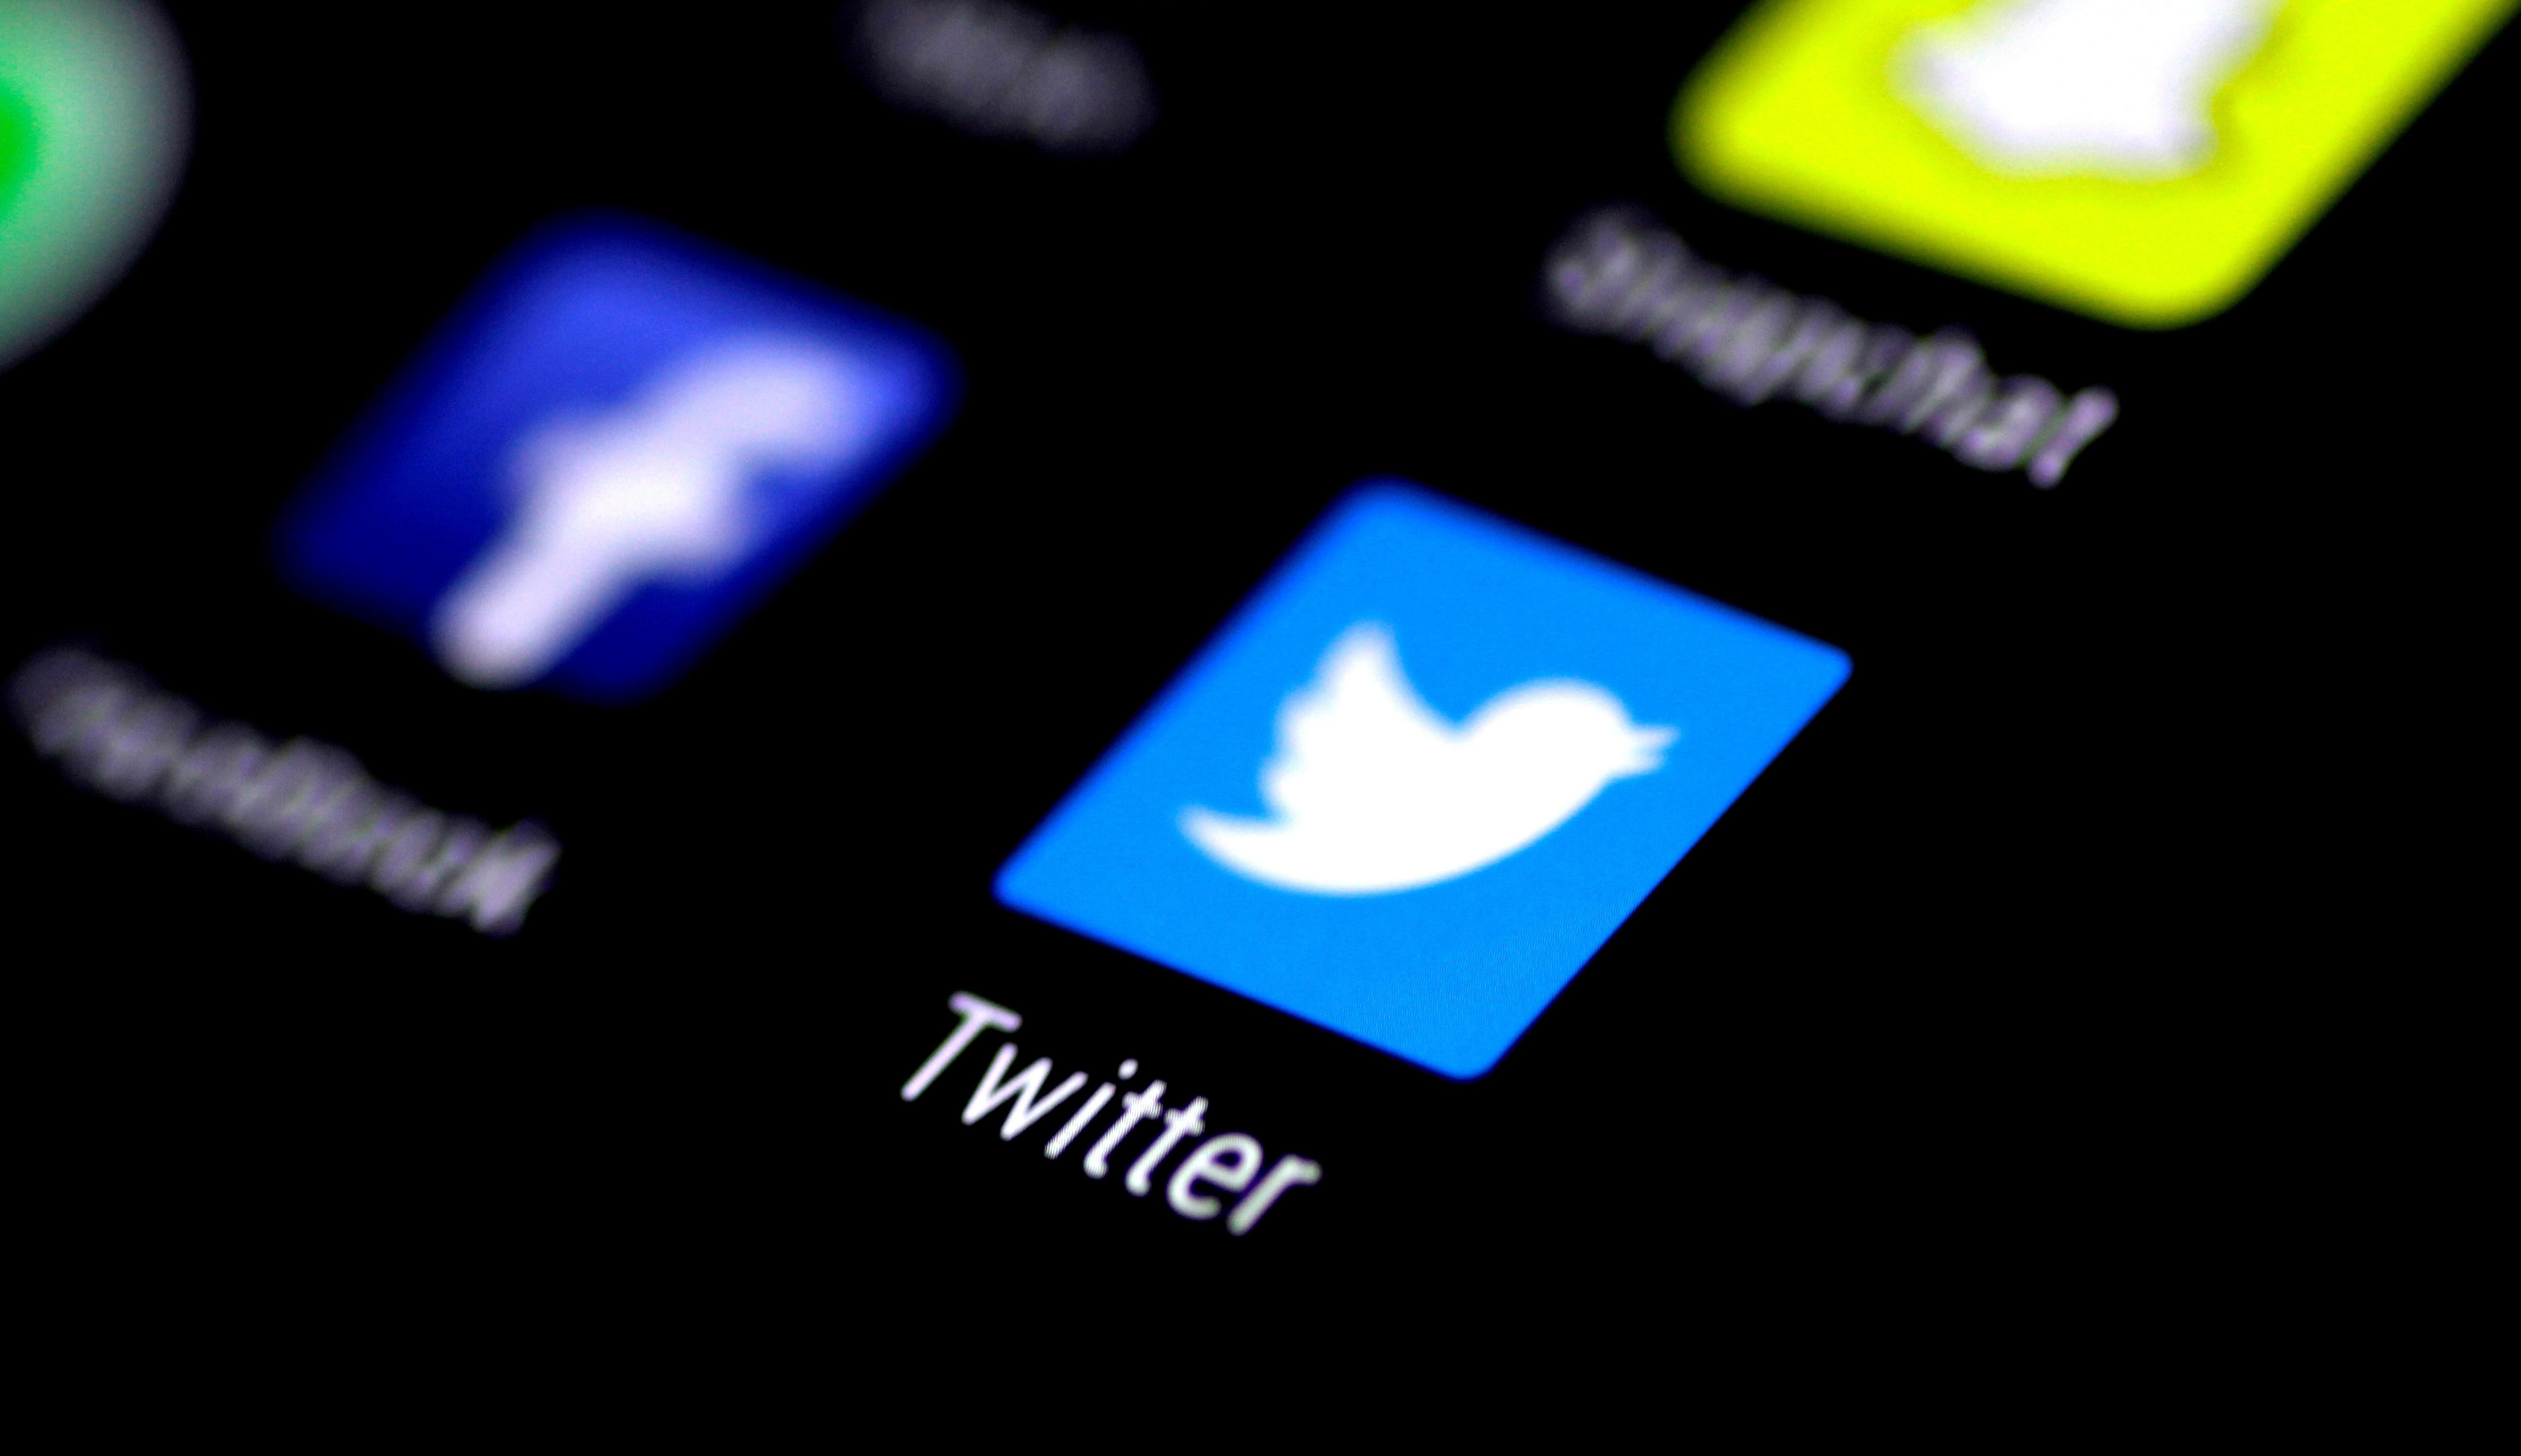 Twitter libera pedido de verificação de contas após 'pausa' de 3 anos